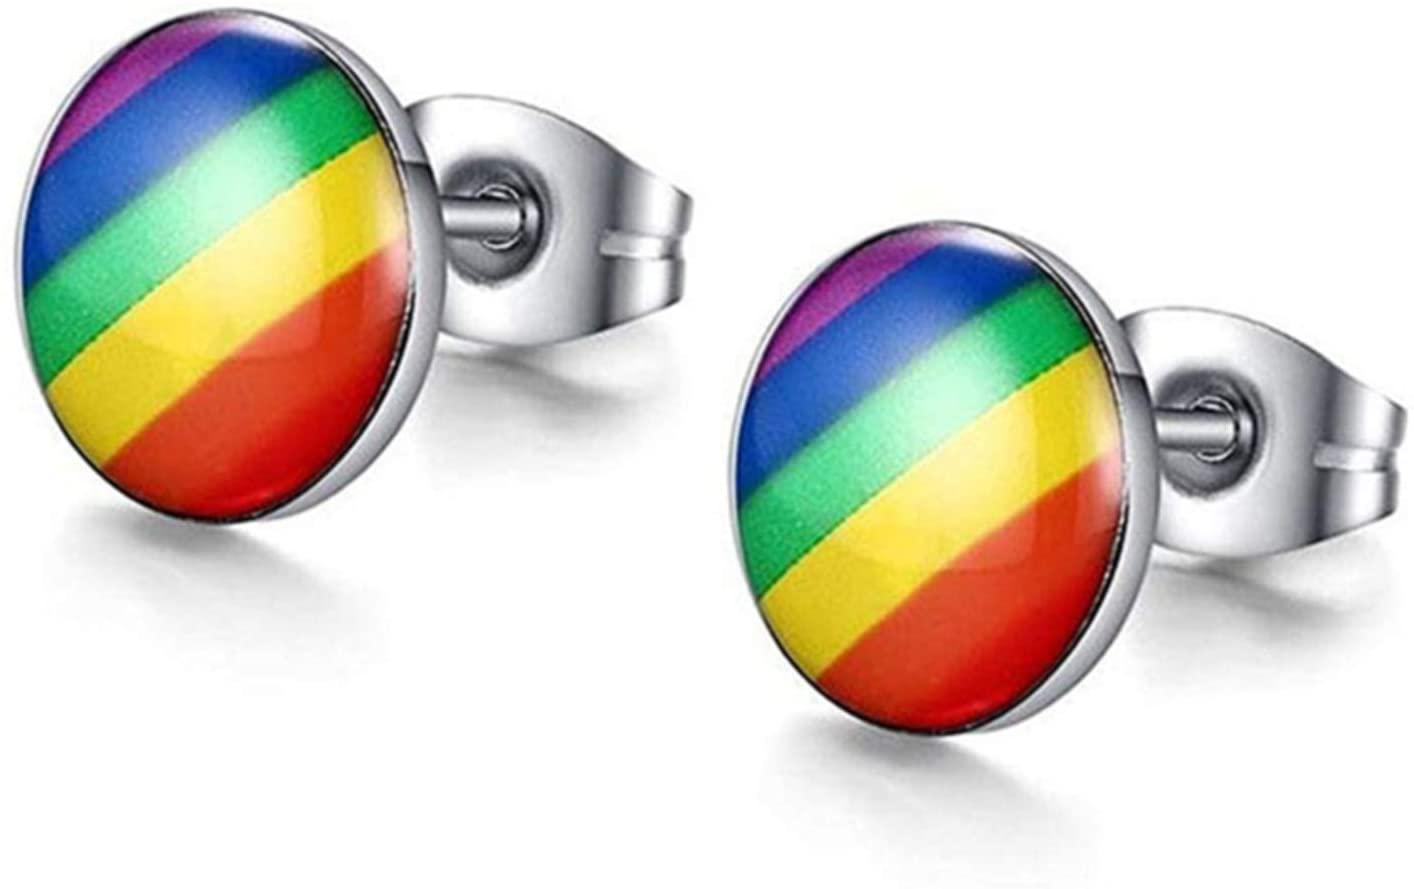 Sperrins Gay Lesbian Pride Ear Round Hoop Stud Earring Stainless Steel Ear Stud Earring for Gay & Lesbian Pride